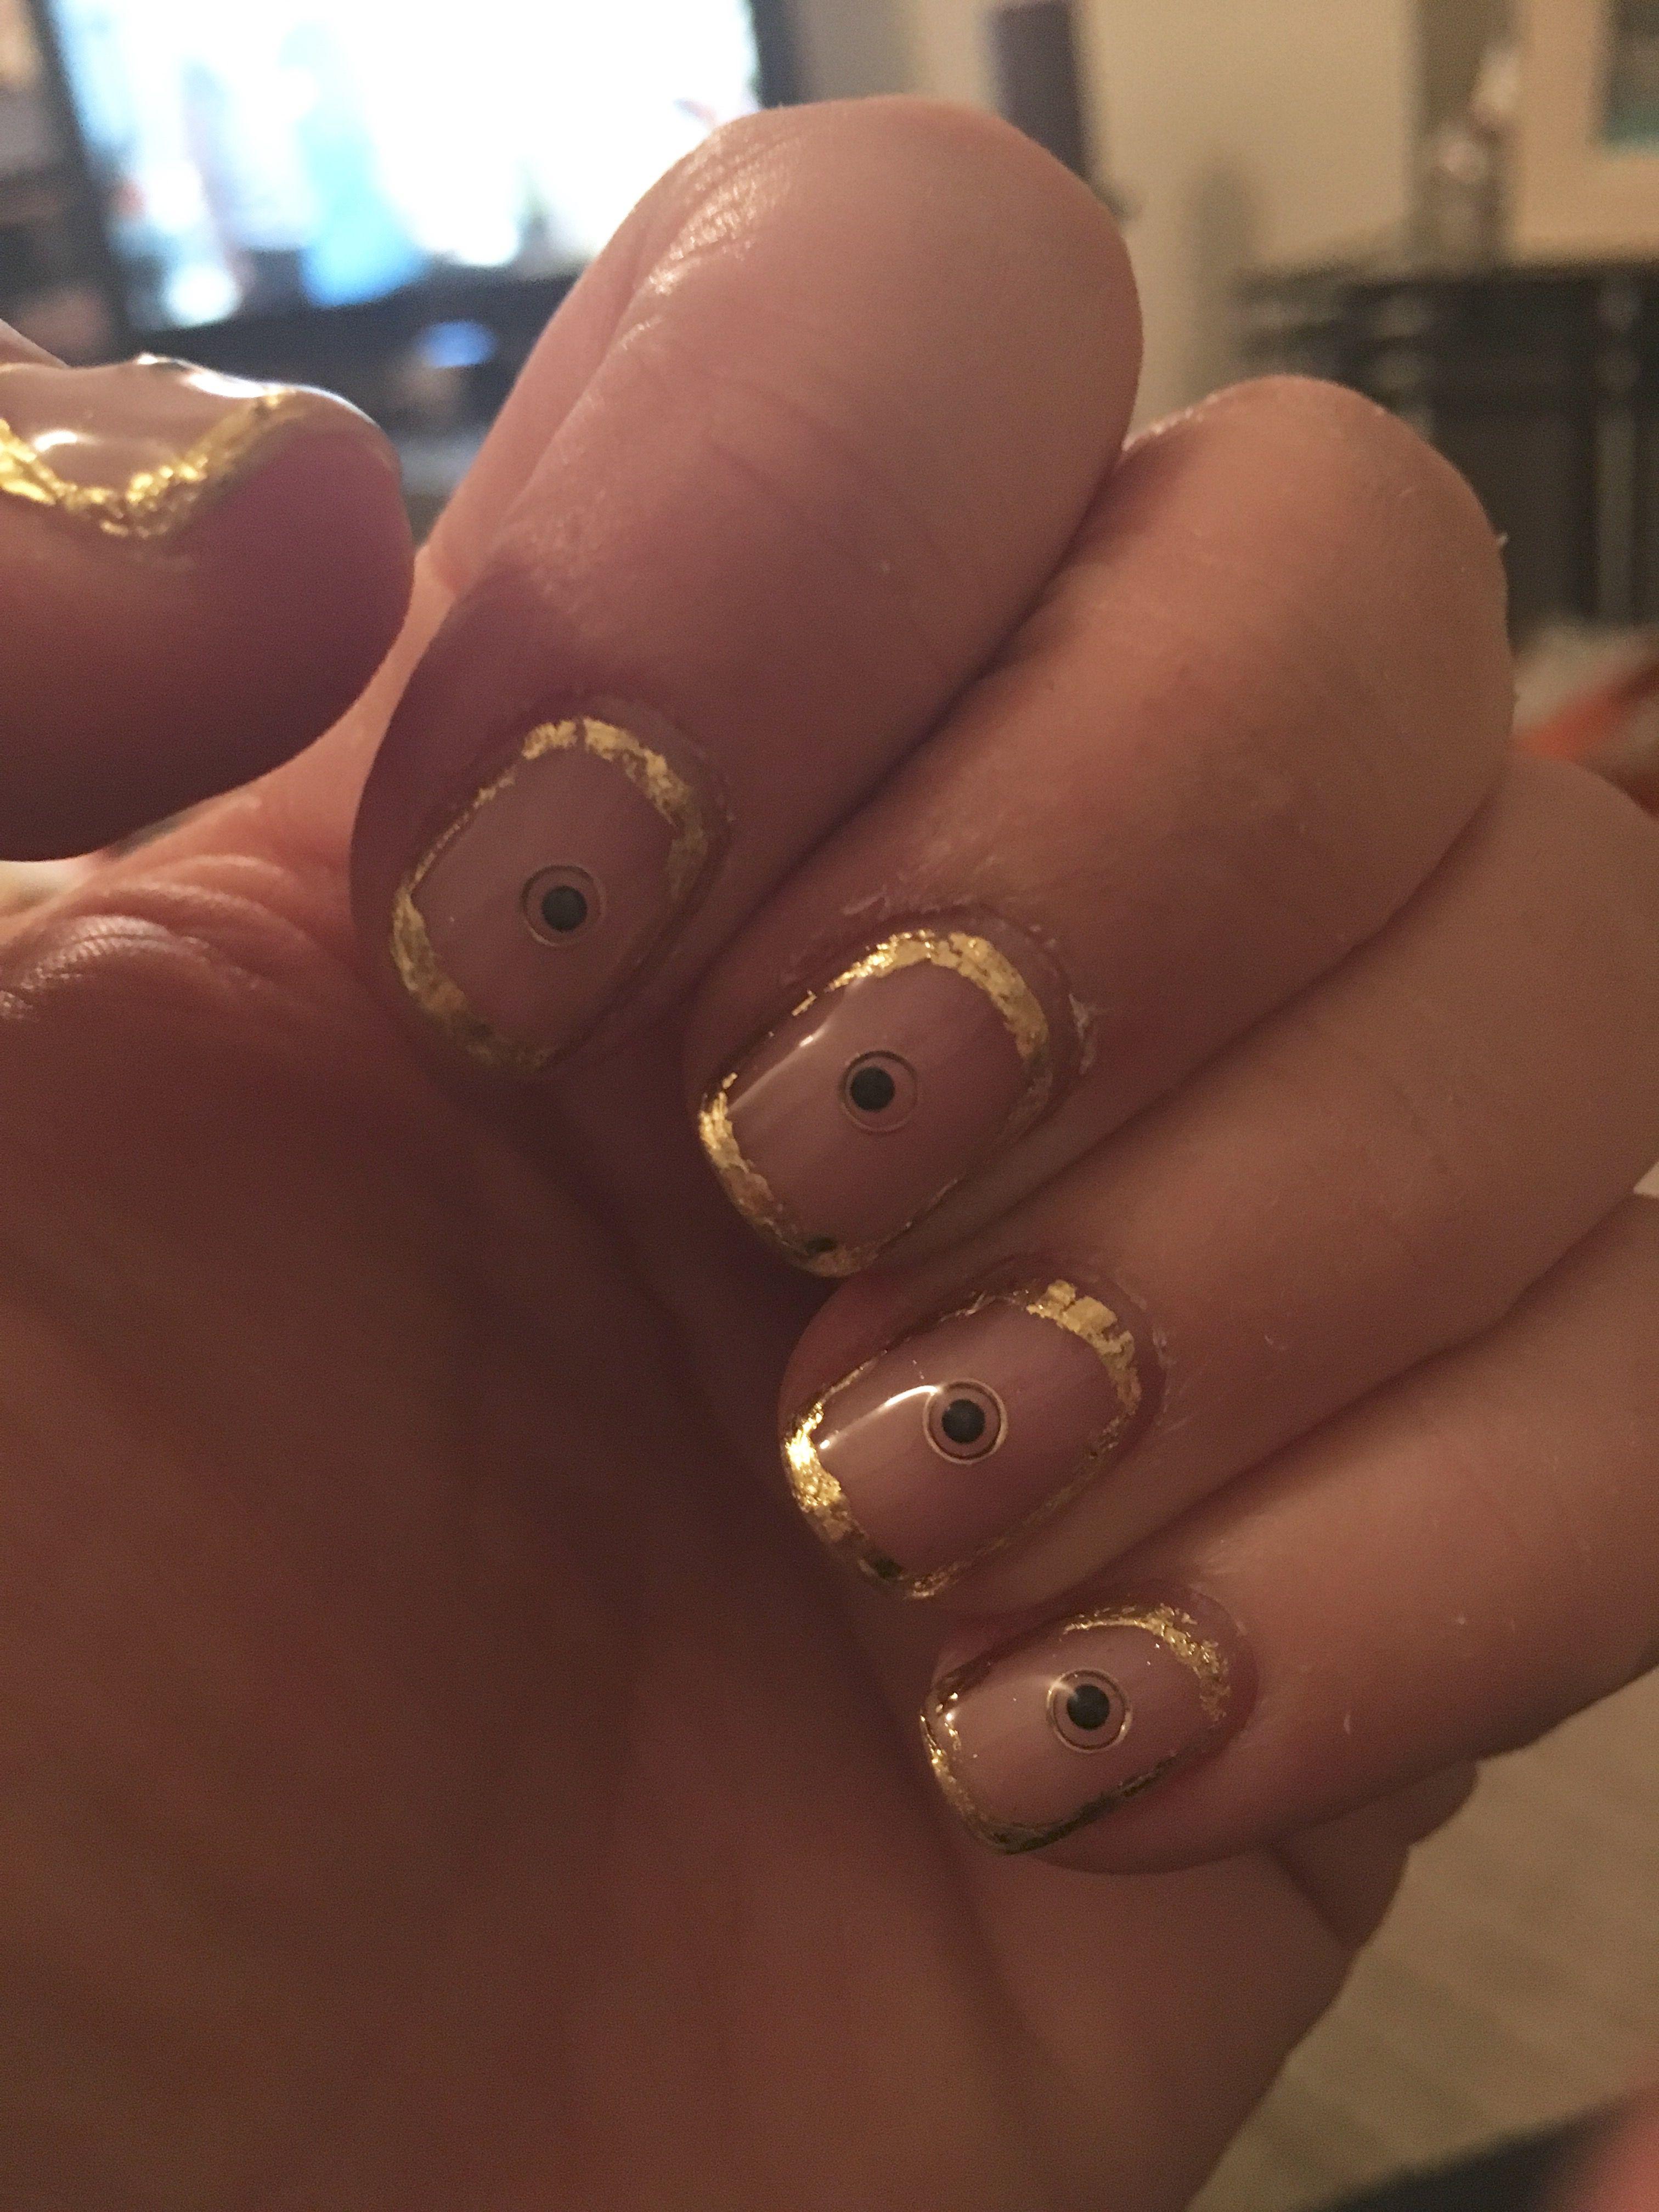 Valley Nails Valley nails, Nails, Beauty